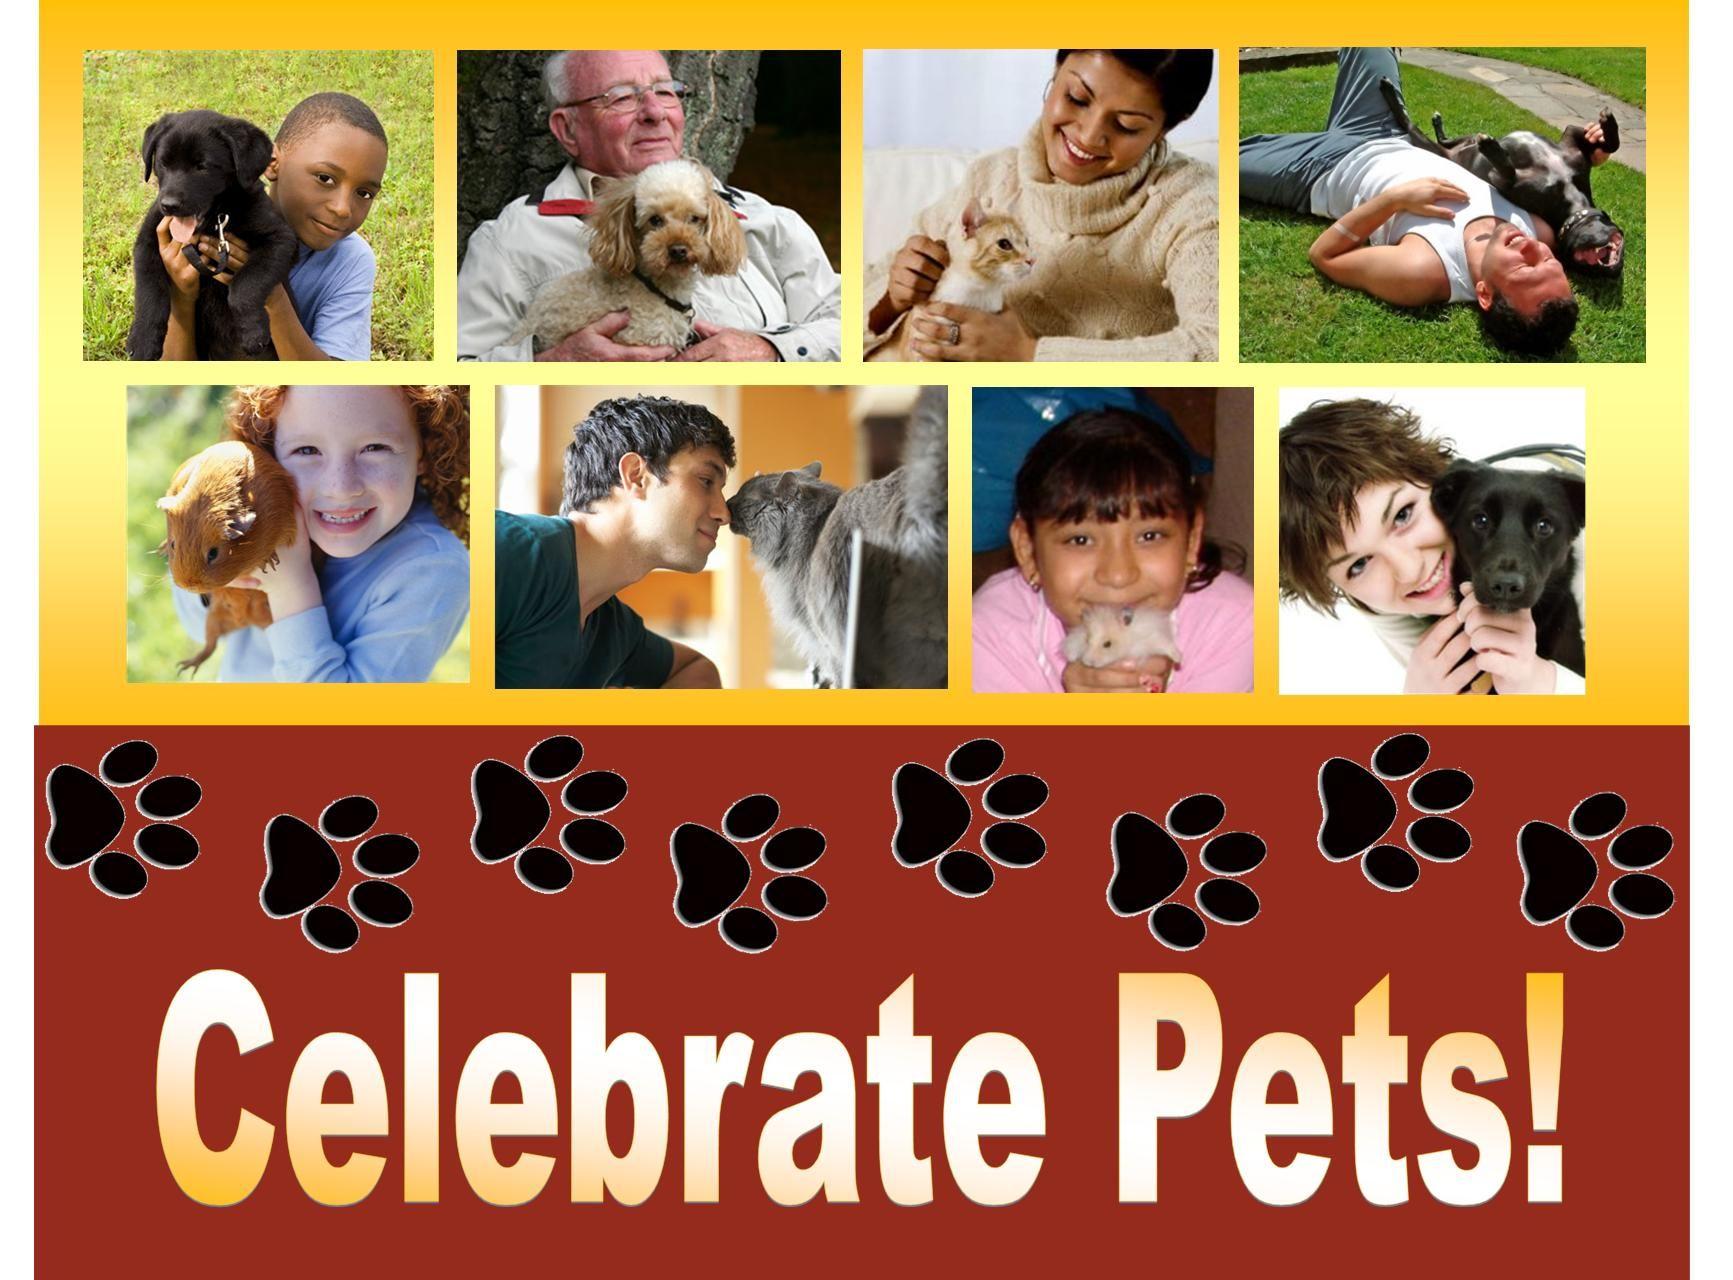 Celebrate pets in books